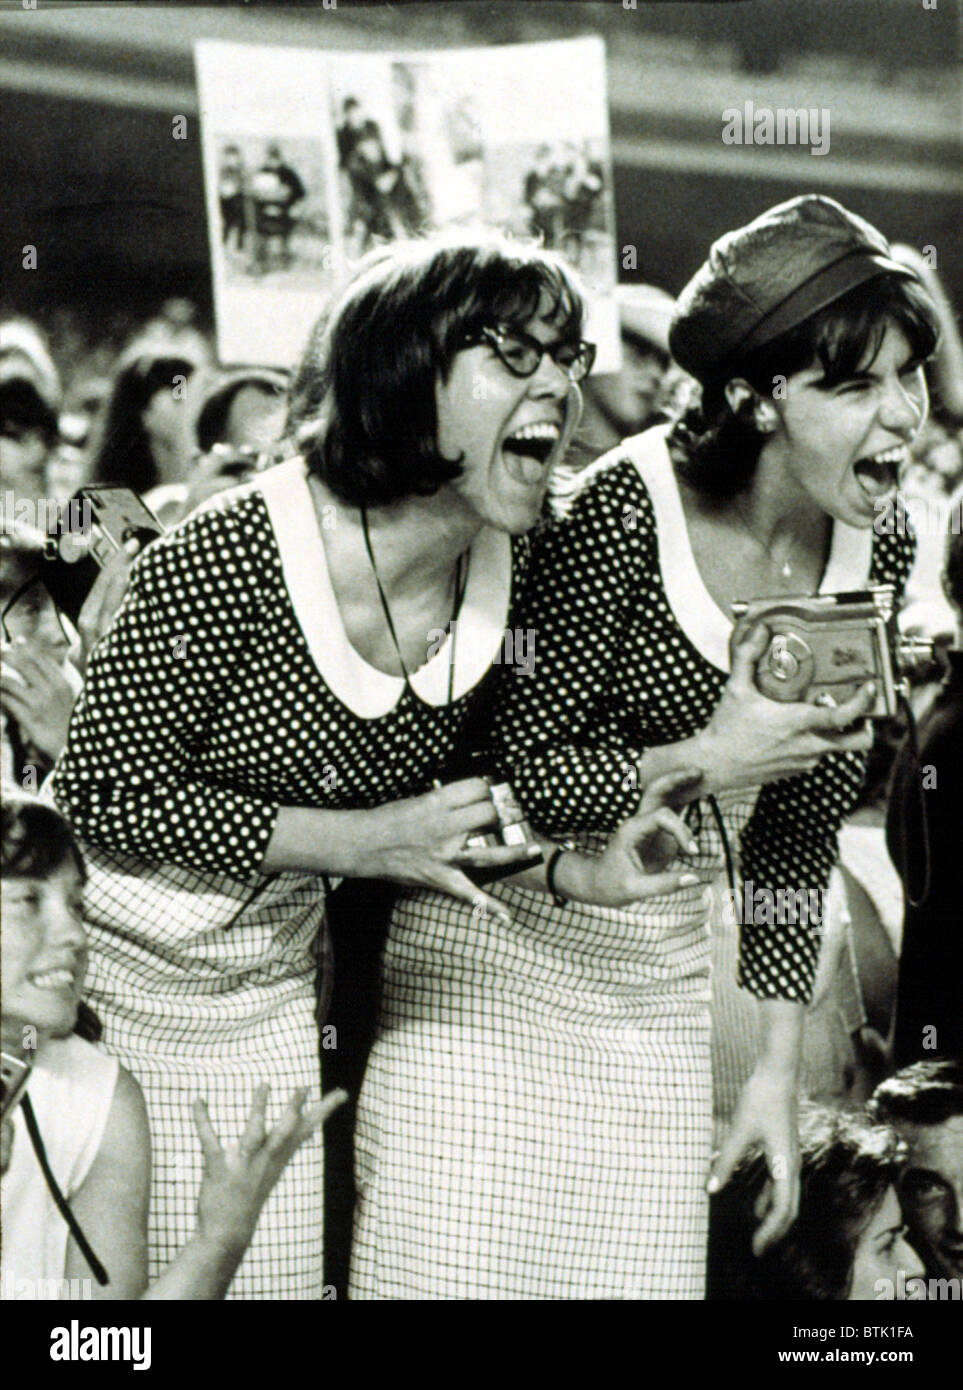 """Los fans de The Beatles gritar en un concierto en el estadio Shea, NY, 8/15/65, mostrando lo que es llamado """"Beatlemania"""". Imagen De Stock"""